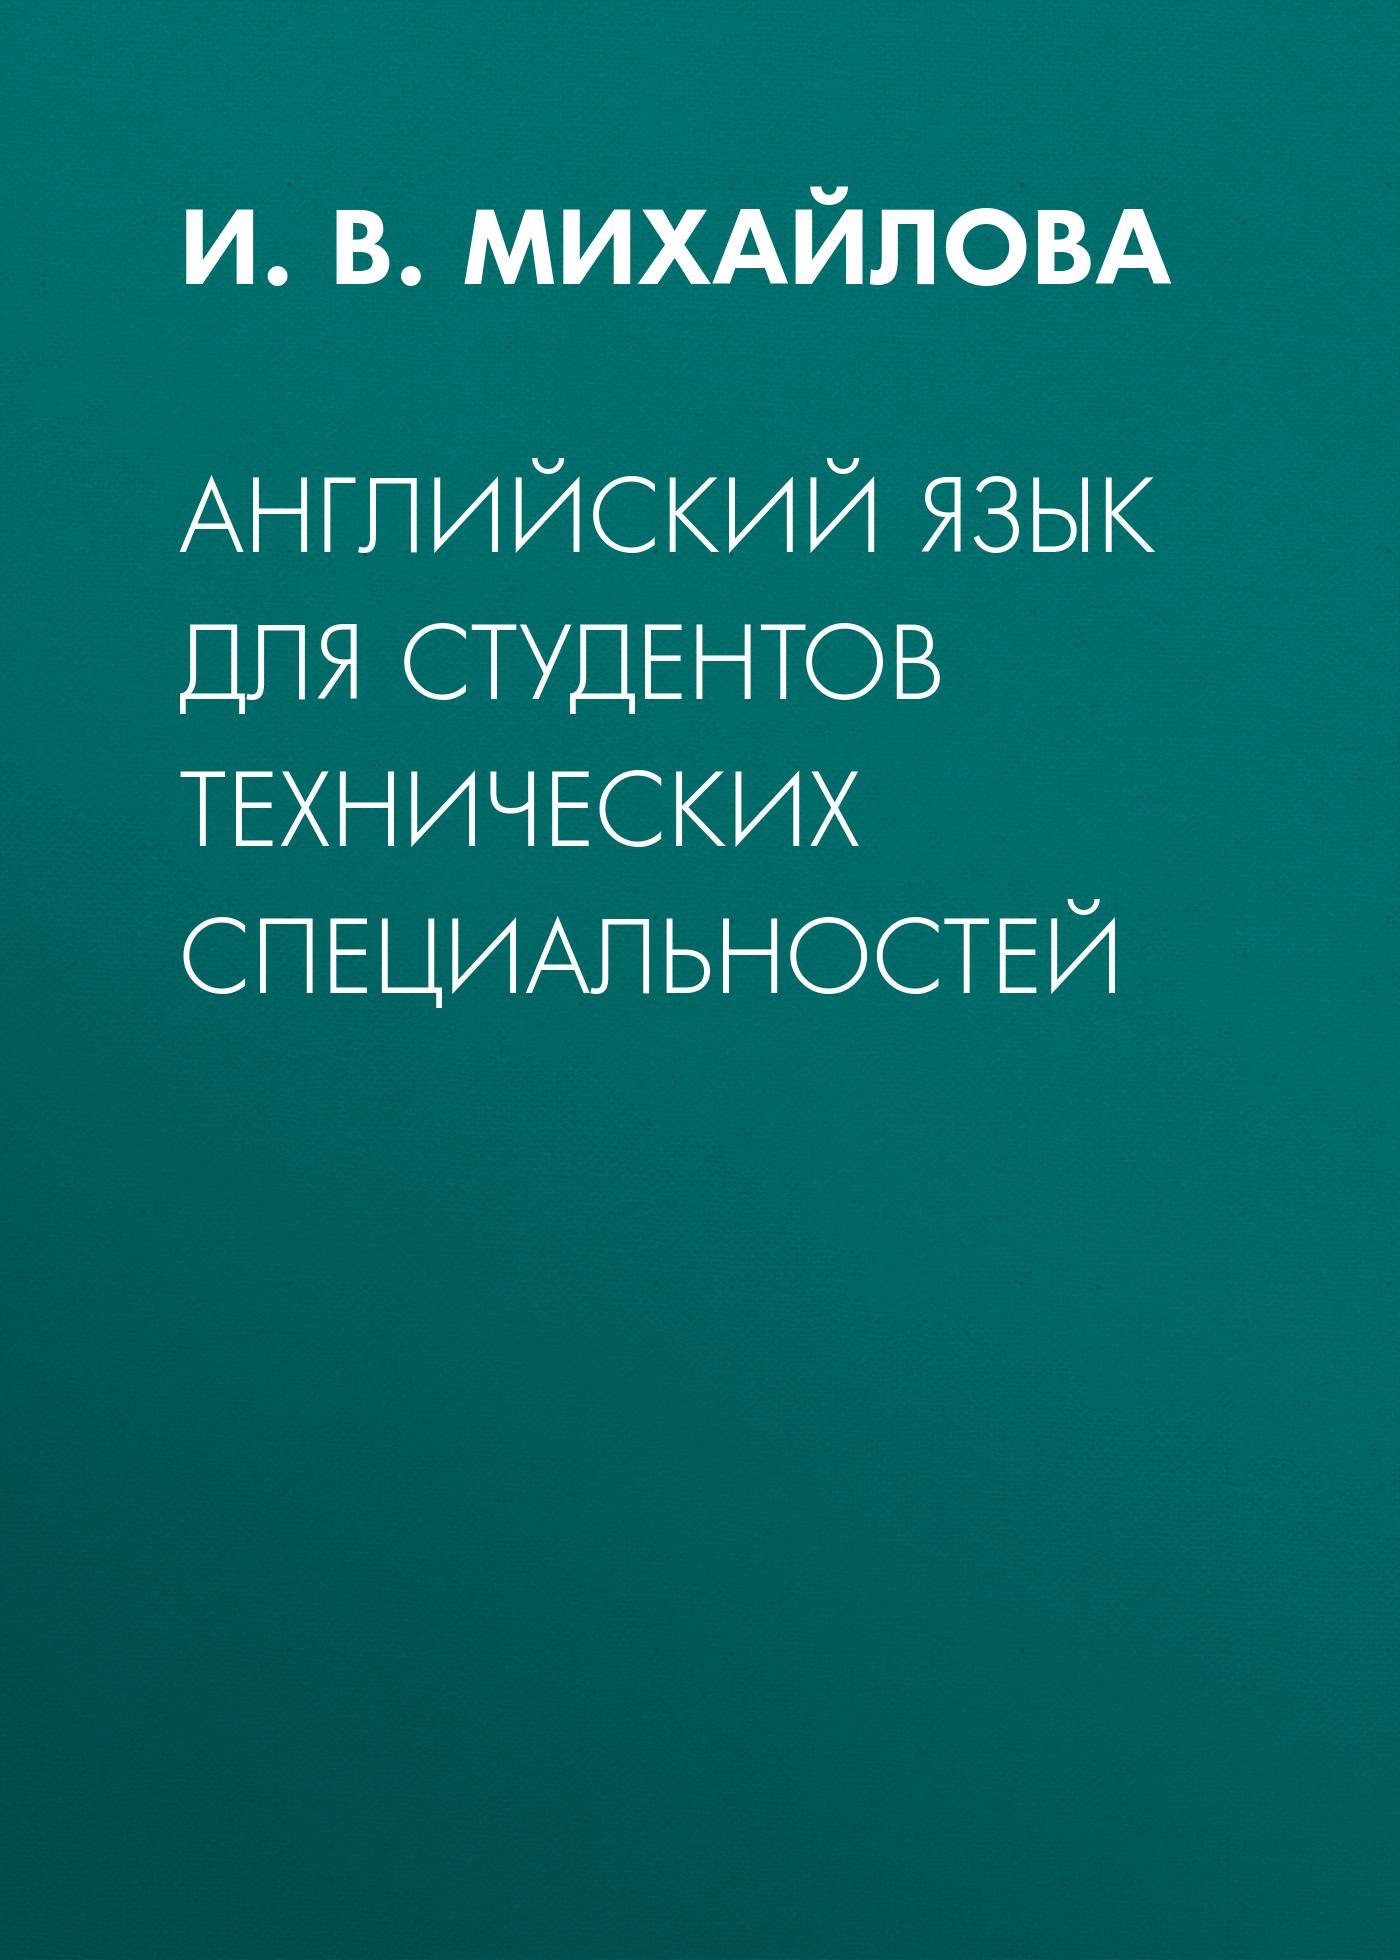 И. В. Михайлова Английский язык для студентов технических специальностей нарочная е б шевцова г в москалец л е английский язык для технических направлений для бакалавров